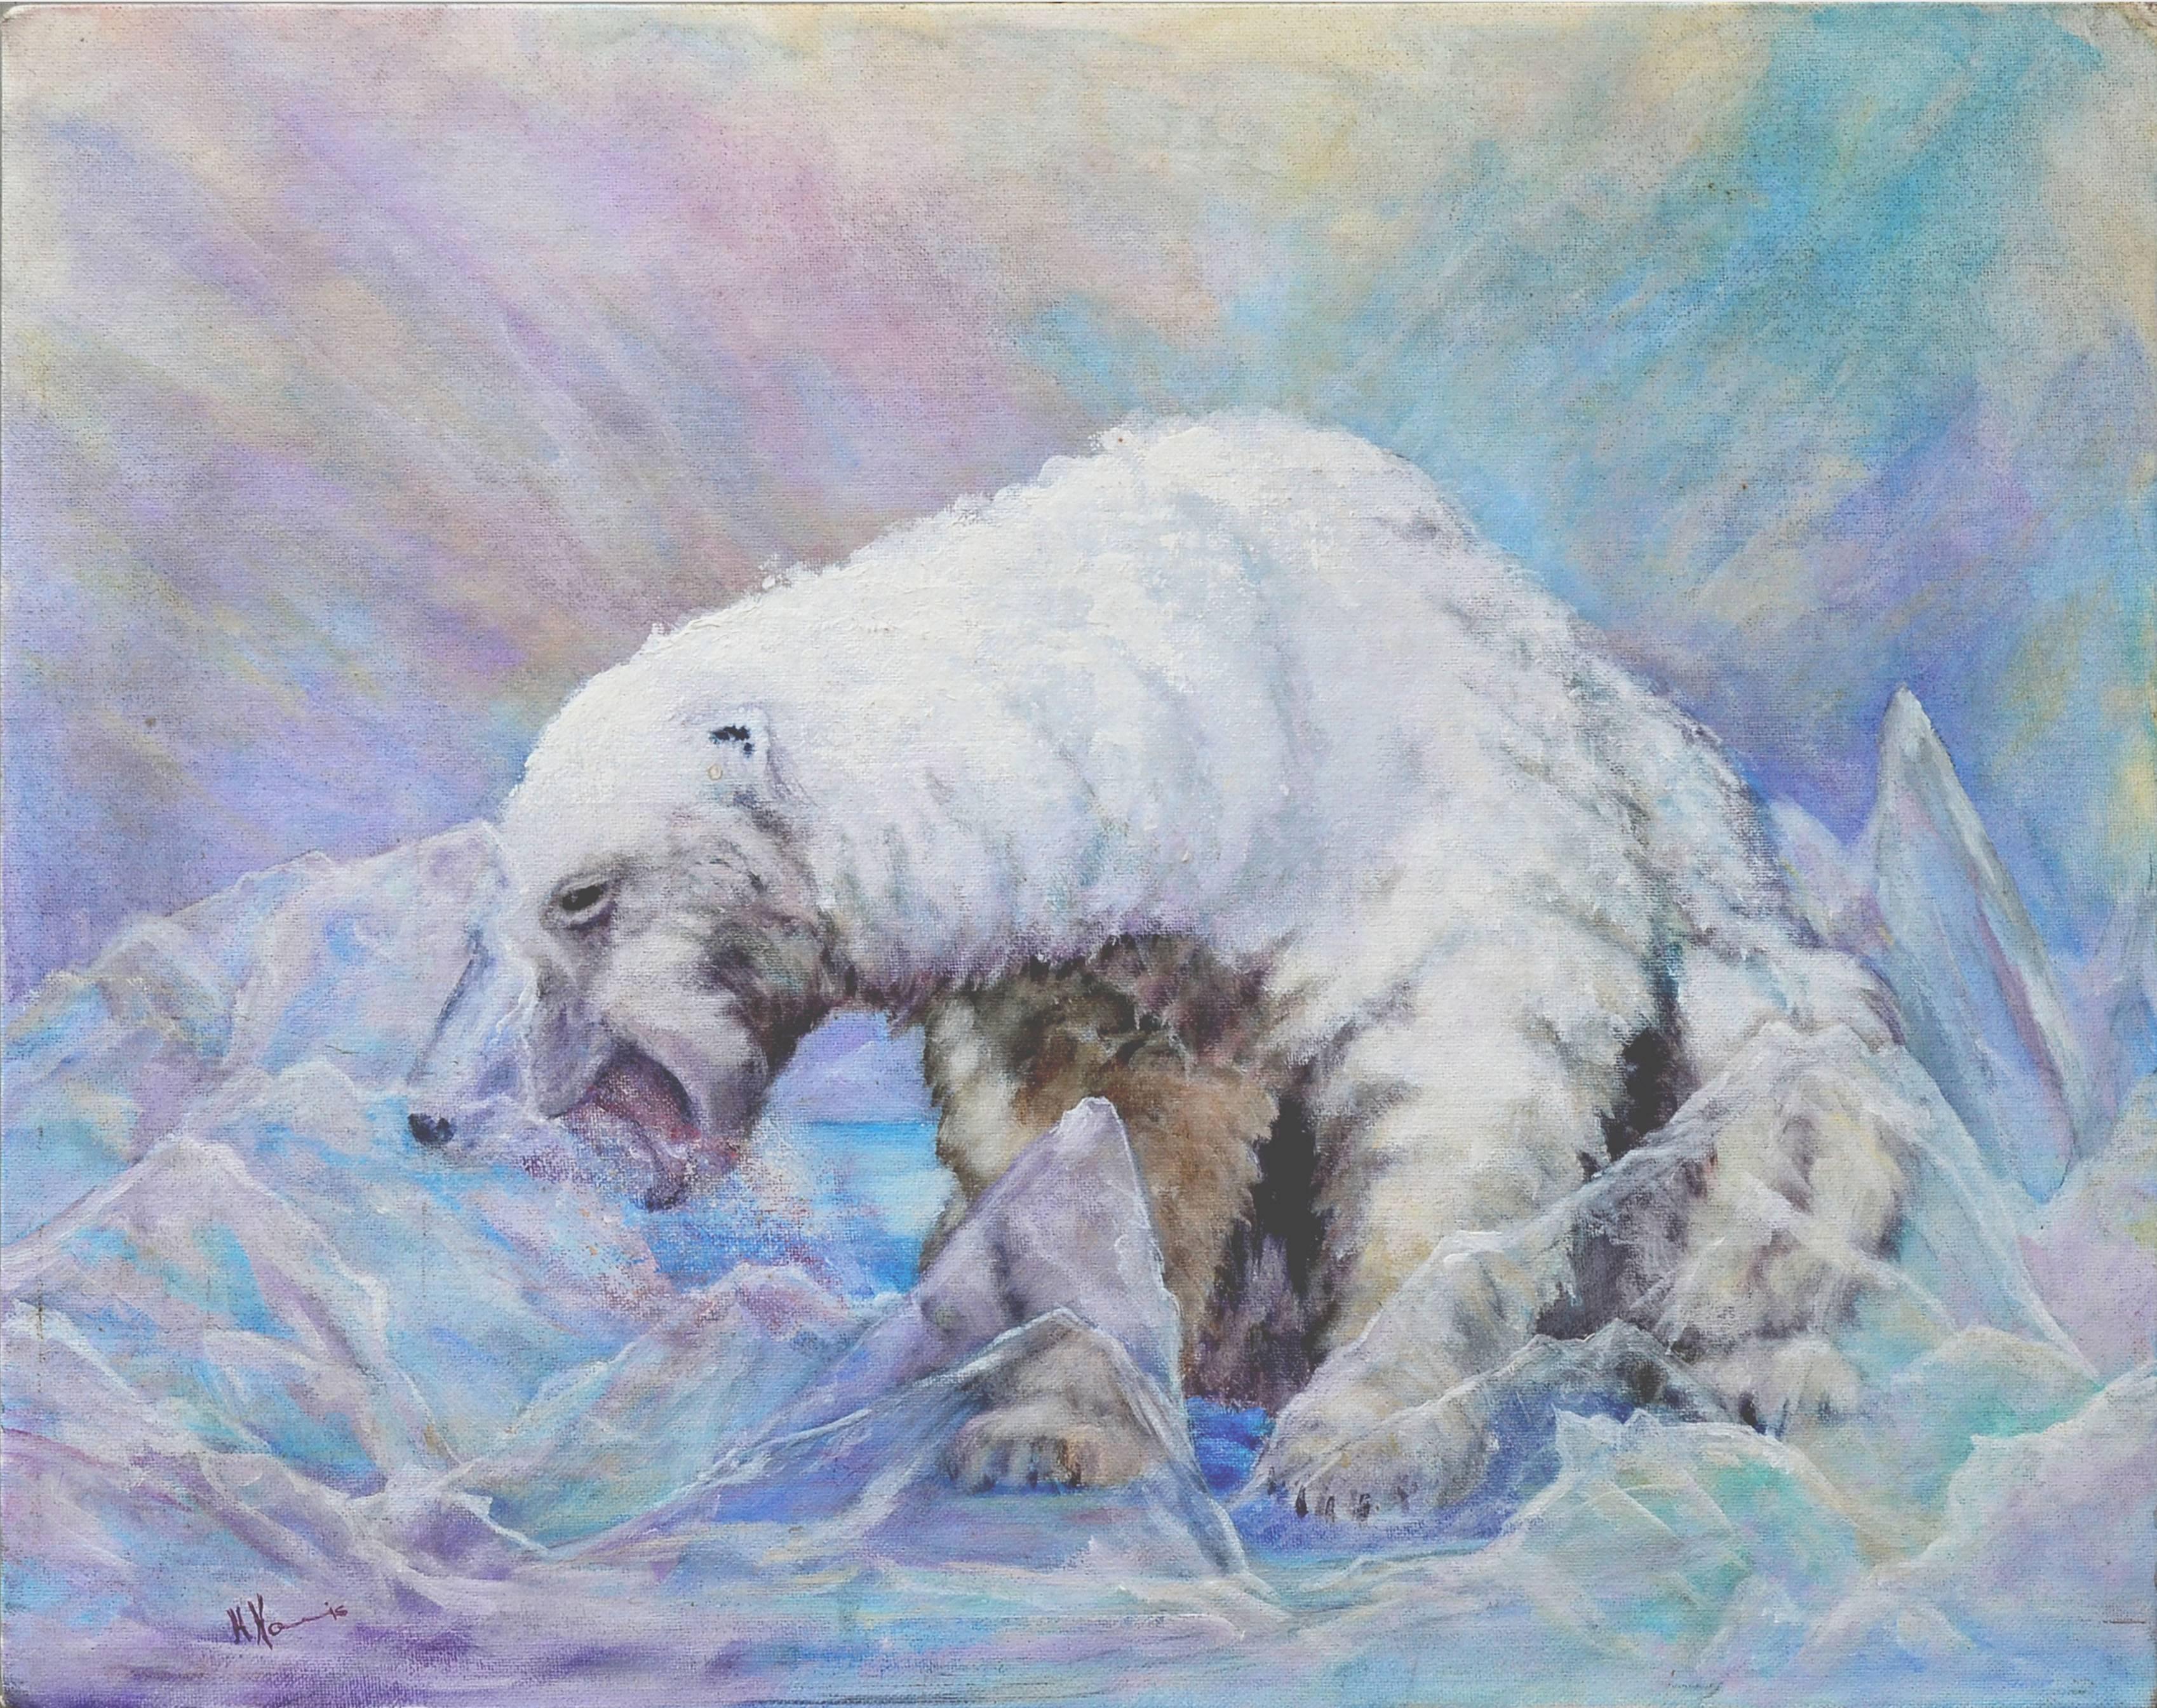 Arctic Polar Bear by Helen Ray Harris